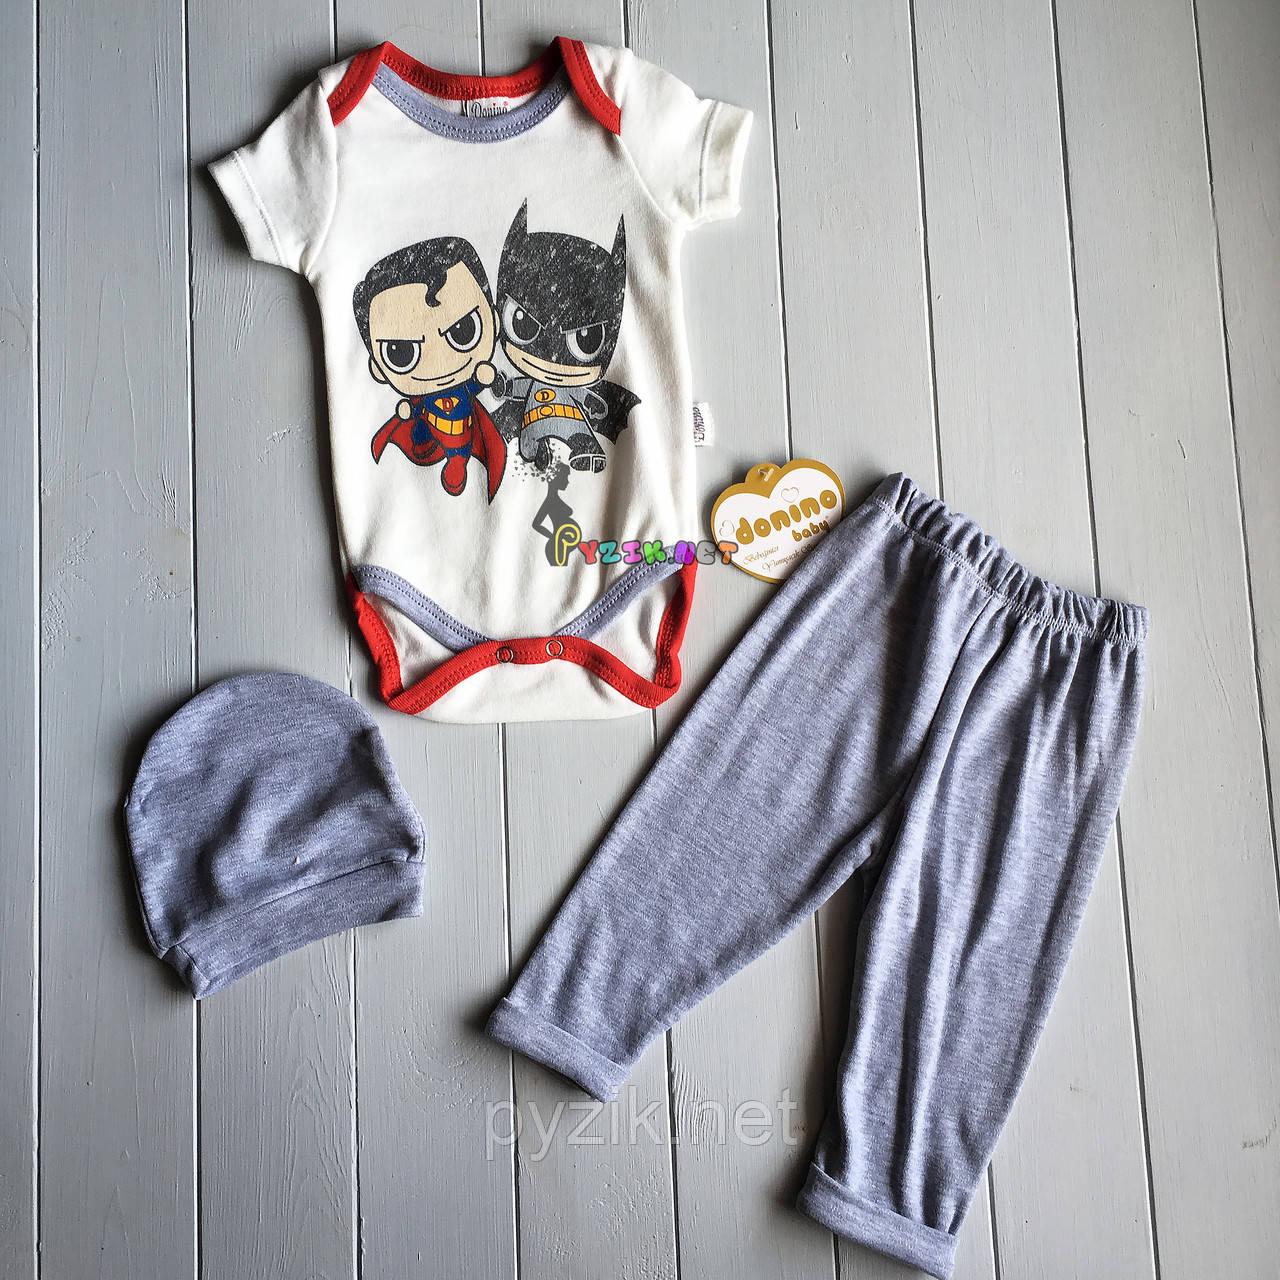 """Комплект для новорожденного """"Супергерои"""" (бодик+штанишки+шапочка) 62, 68 р-ры"""